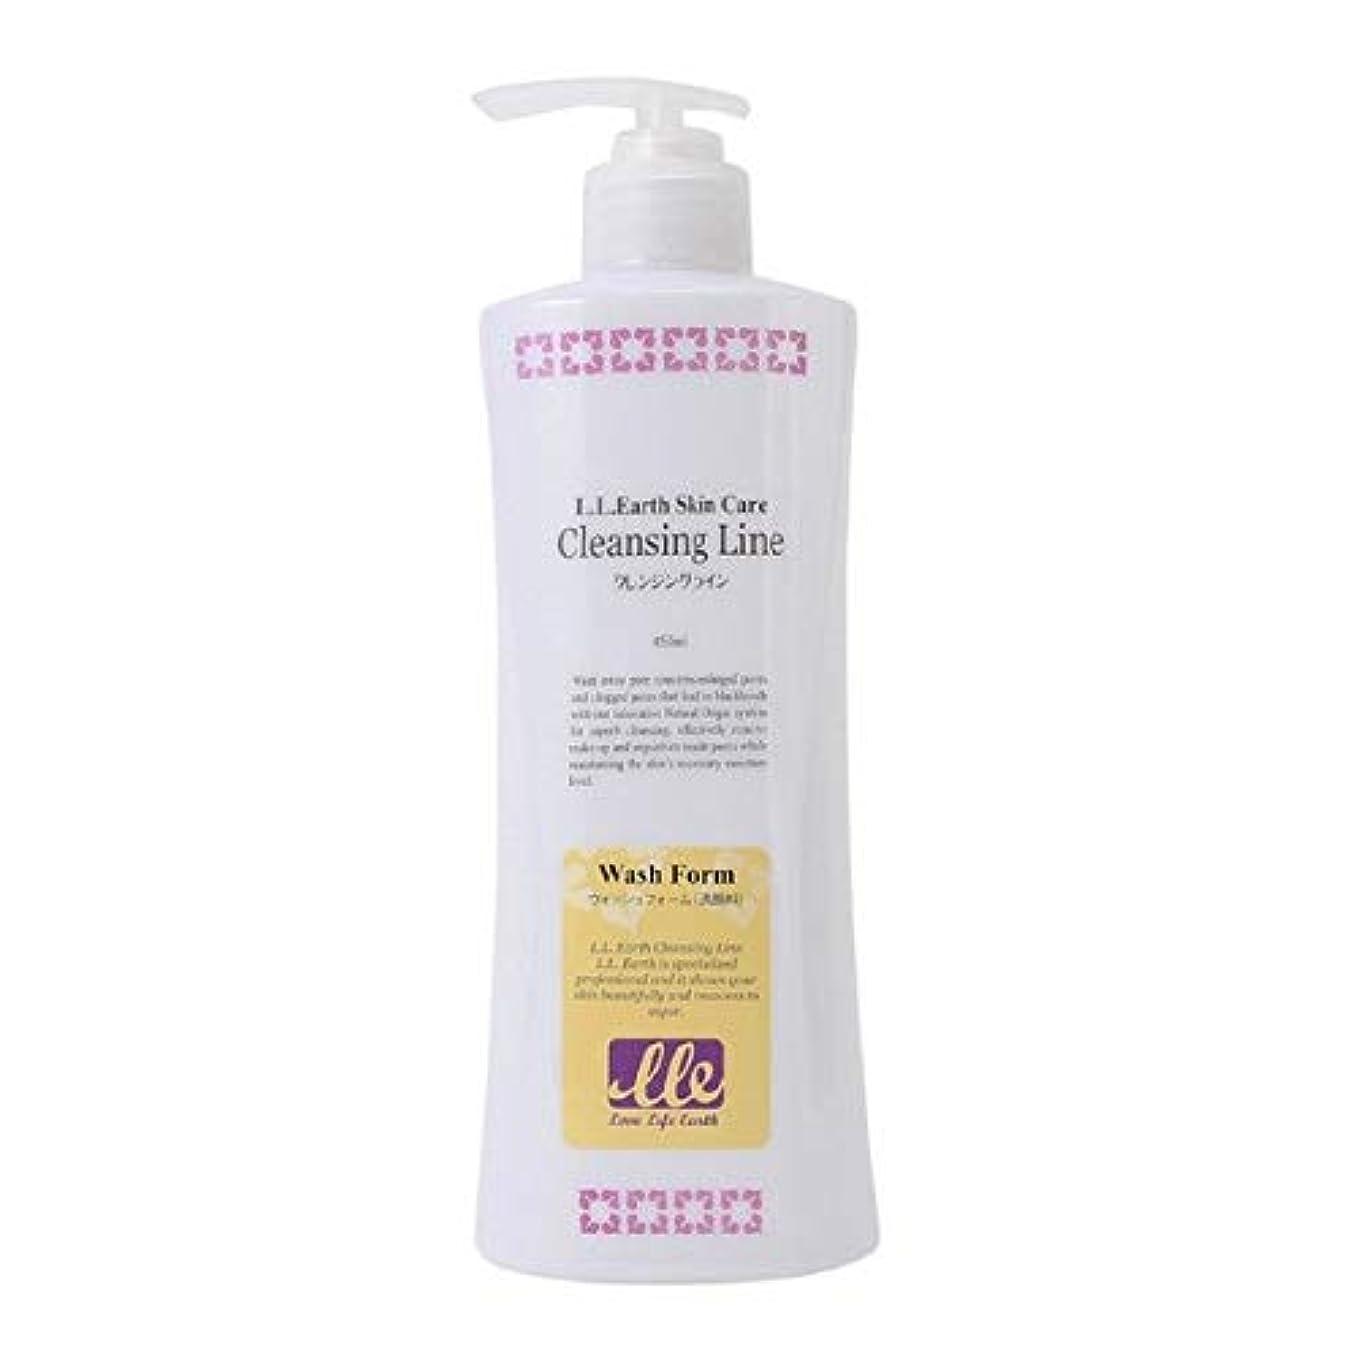 バーガー出血追記LLE ウォッシュフォーム 業務用 450ml 洗顔 洗顔料 クリームタイプ アロエベラ